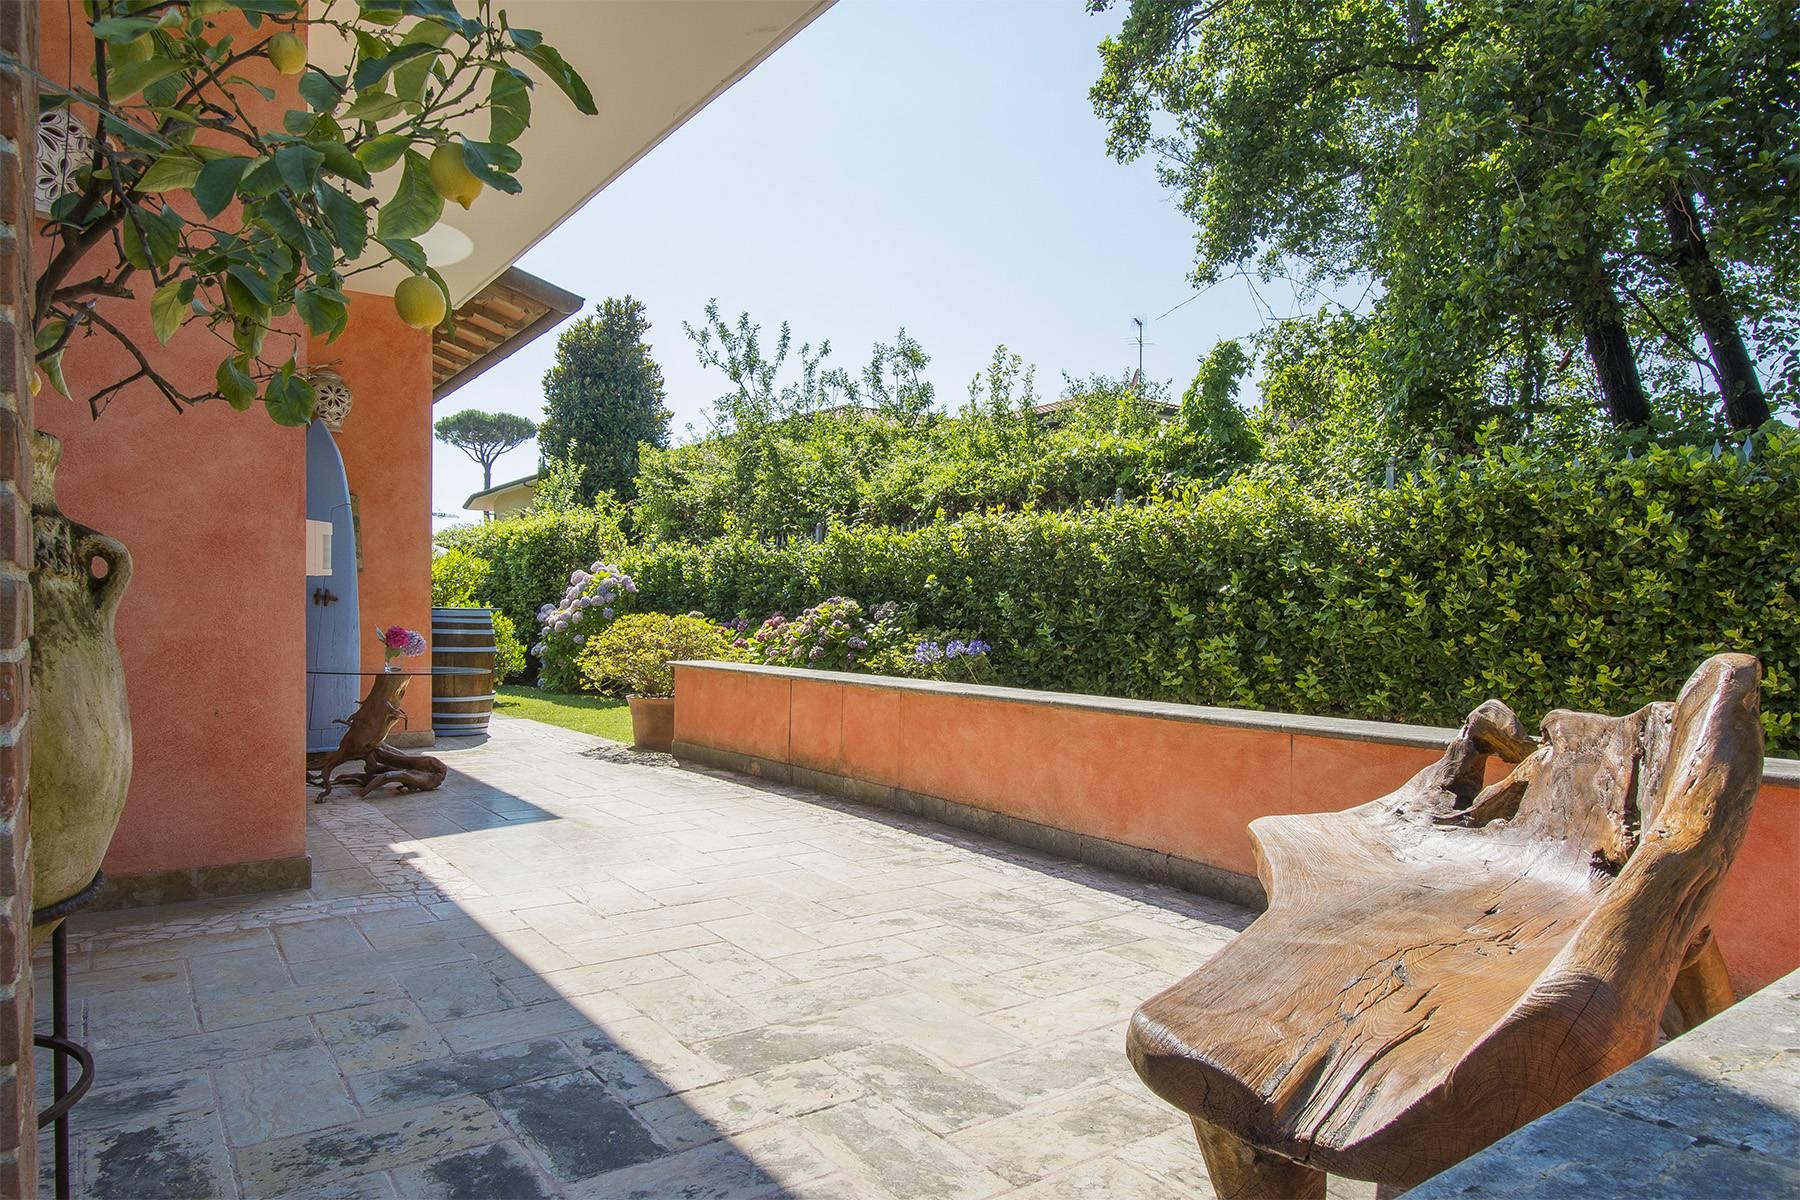 Casa indipendente in Vendita a Pietrasanta: 5 locali, 180 mq - Foto 13